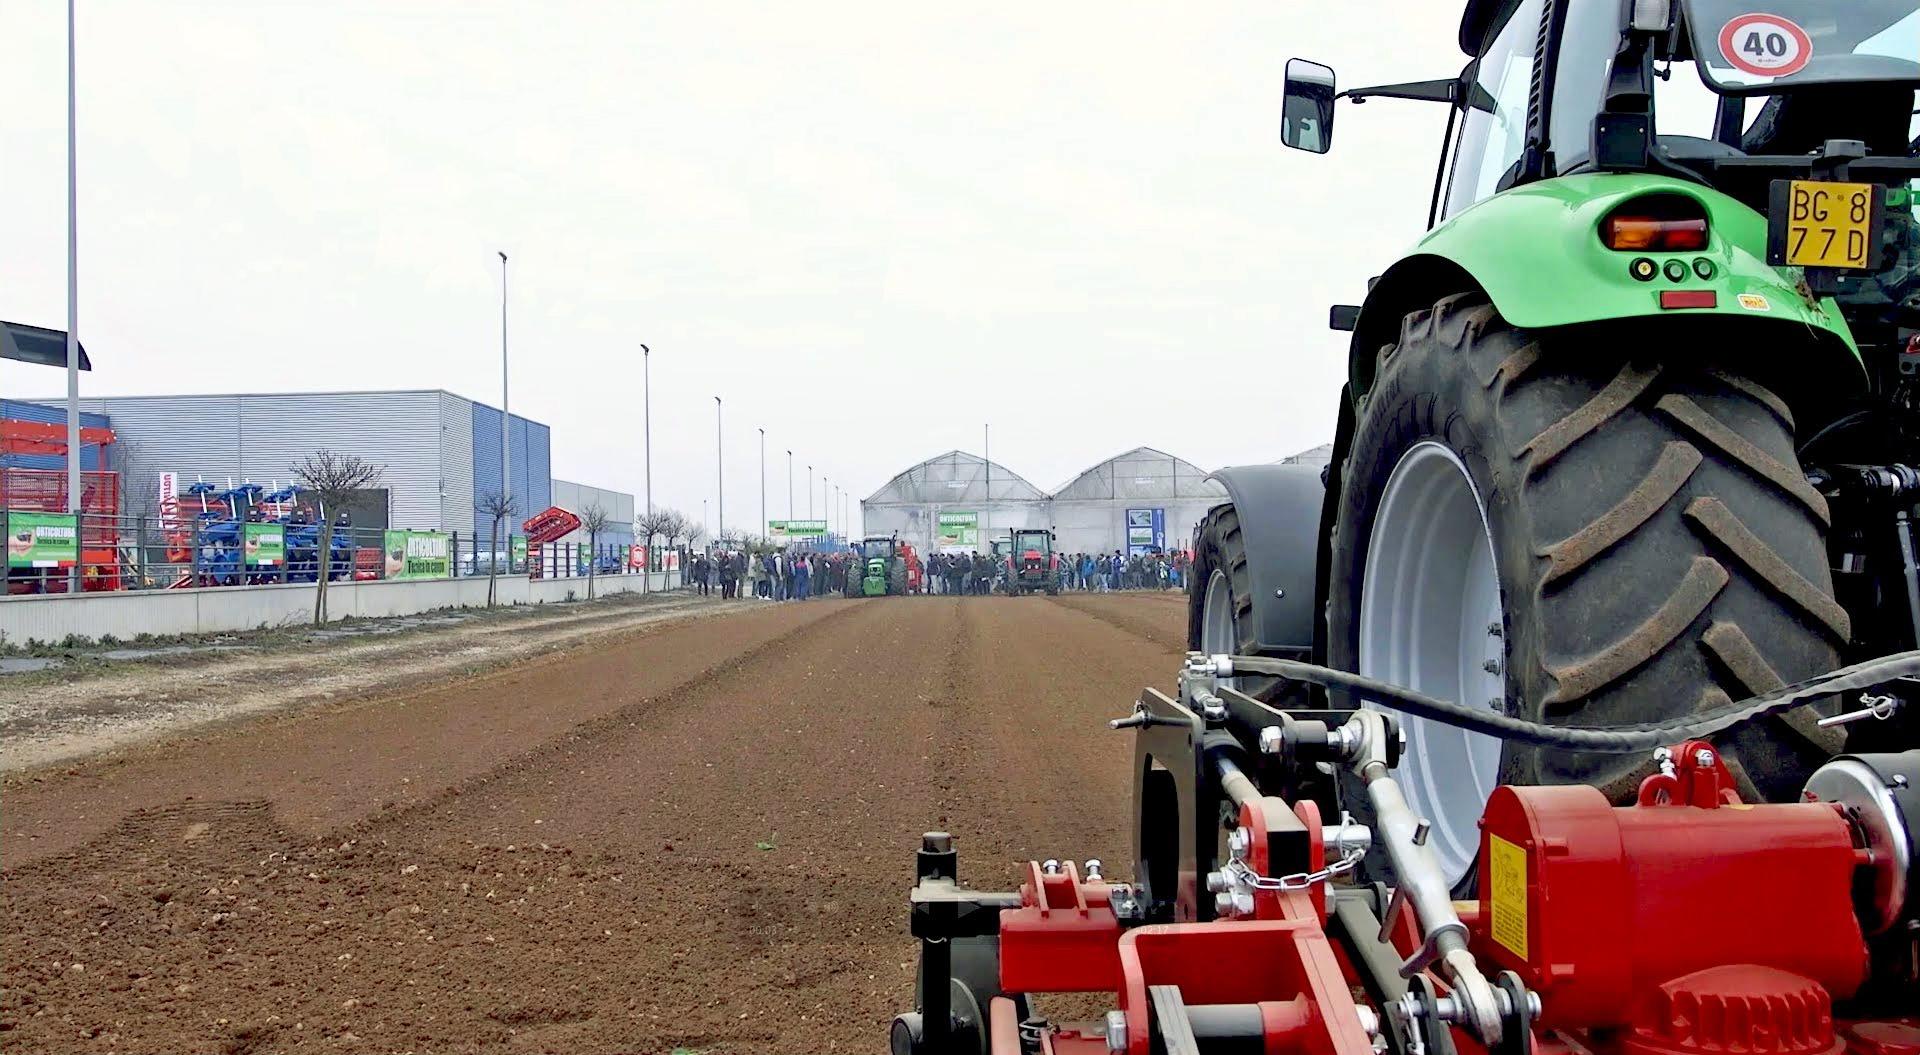 orticoltura-tecnica-in-campo-2018-banner.jpg